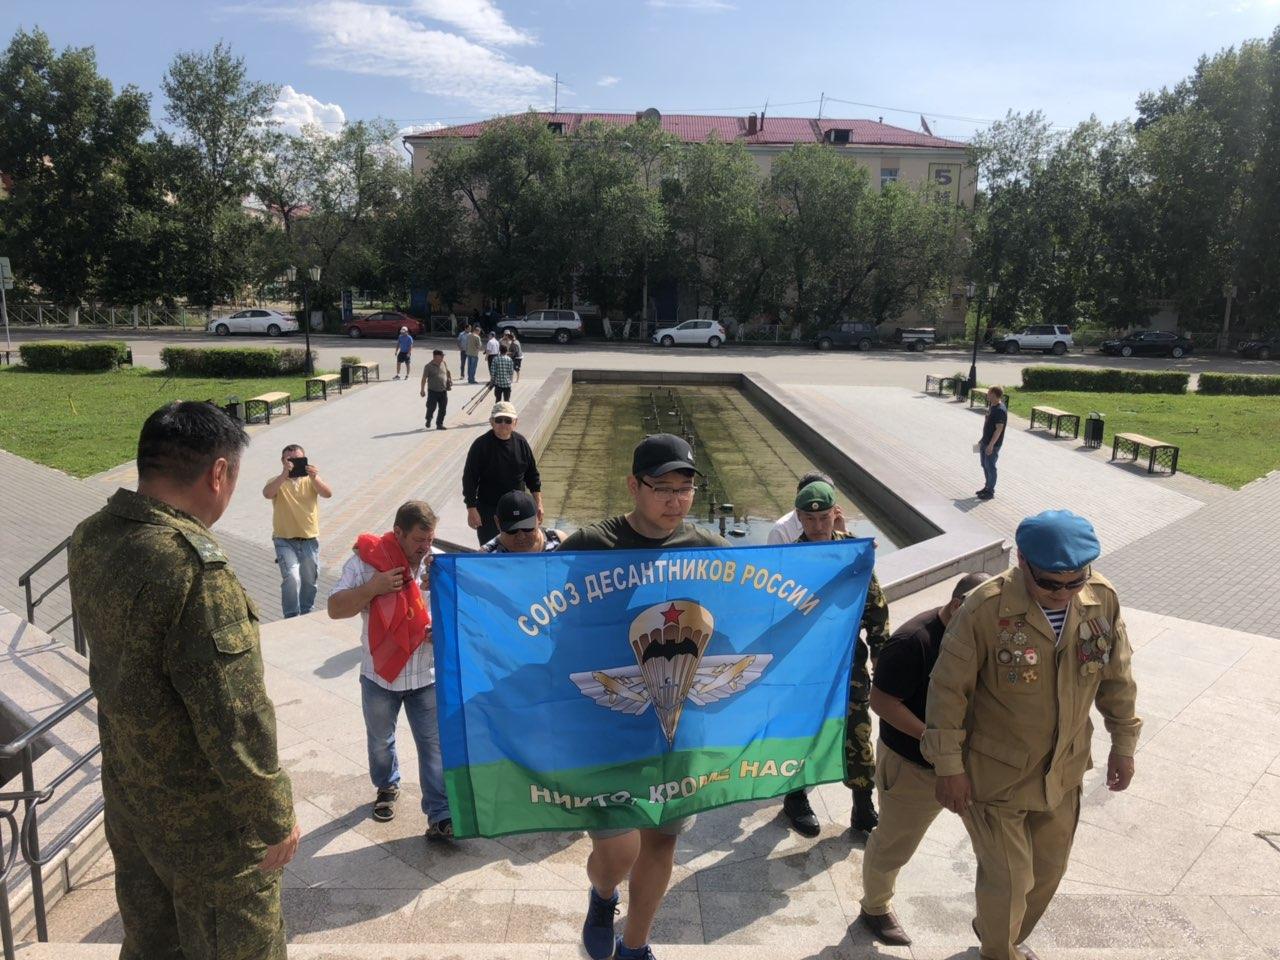 Автопробег ветеранов Афганской войны «Ачинск - Кызыл» прибыл в столицу Тувы